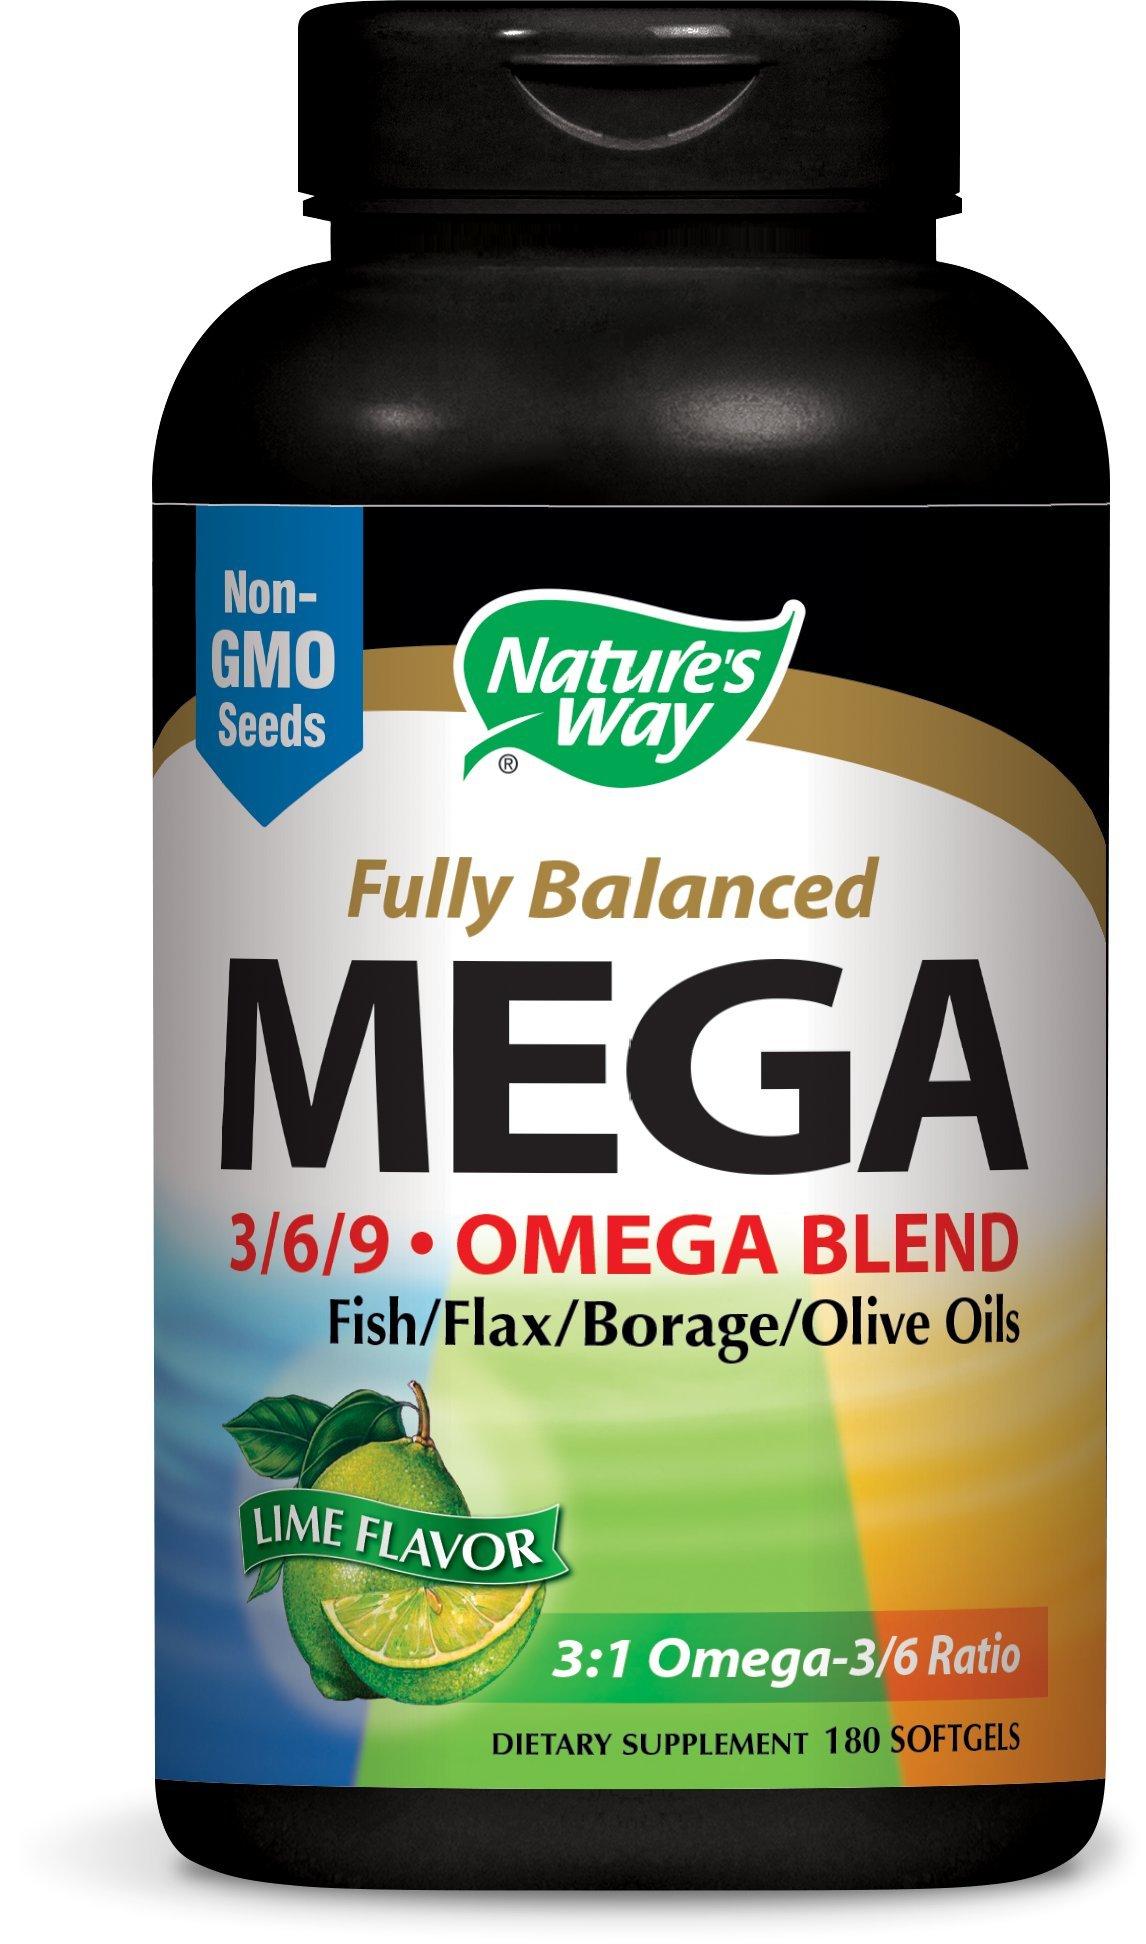 Nature's Way Mega 3/6/9 Blend, Lime Flavor, 180 Softgels